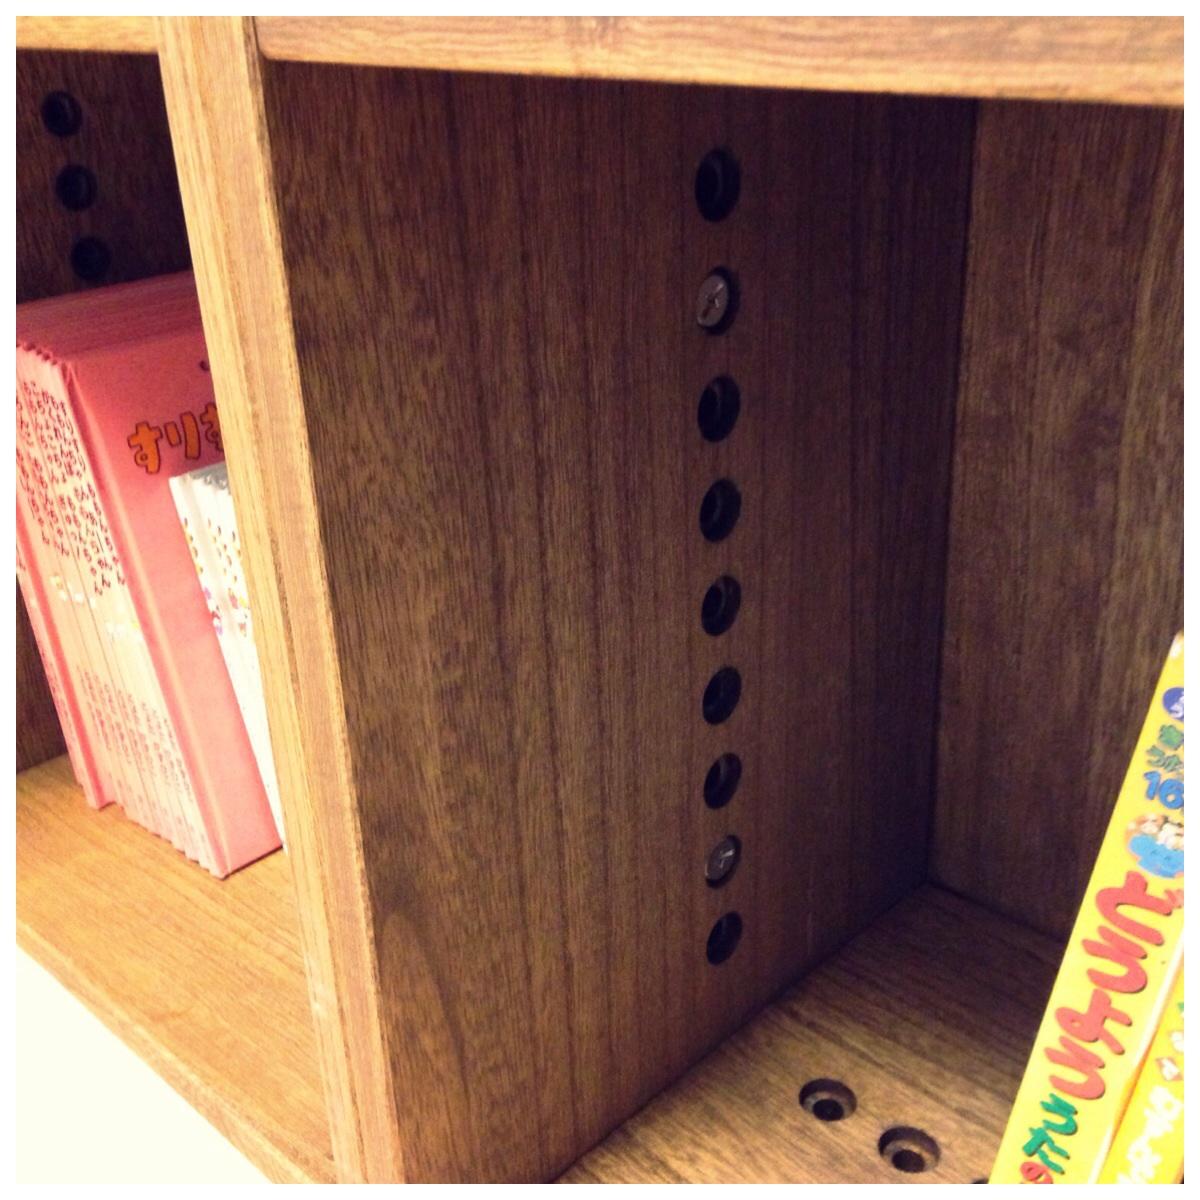 【こどもの本とオモチャ整理】 LL boxとL box2個を購入。リビング横の和室がこどもの遊びスペースなので、本とオモチャ整理に使用。ドアはダークカラー、絵本ラックはナチュラルカラーの為色に悩みましたがミディアムにしました。良い色です。軽く、ジョイントも簡単です。ただ、2歳のこどもたちは、穴に指を突っ込んで遊ぶので注意が必要です。ちょうどすっぽり入ると抜けなくなりそうなサイズですので。とりあえず布で隠しました。匂いも数日は気になるかと思います。あとは、ぴったりはまるカゴをさがすだけです。本もオモチャも綺麗に片付けることが出来そうです。【子供部屋 無垢 木製 収納 ラック キューブ カラーボックス 本棚 絵本 おもちゃ 収納 図鑑 大型本】